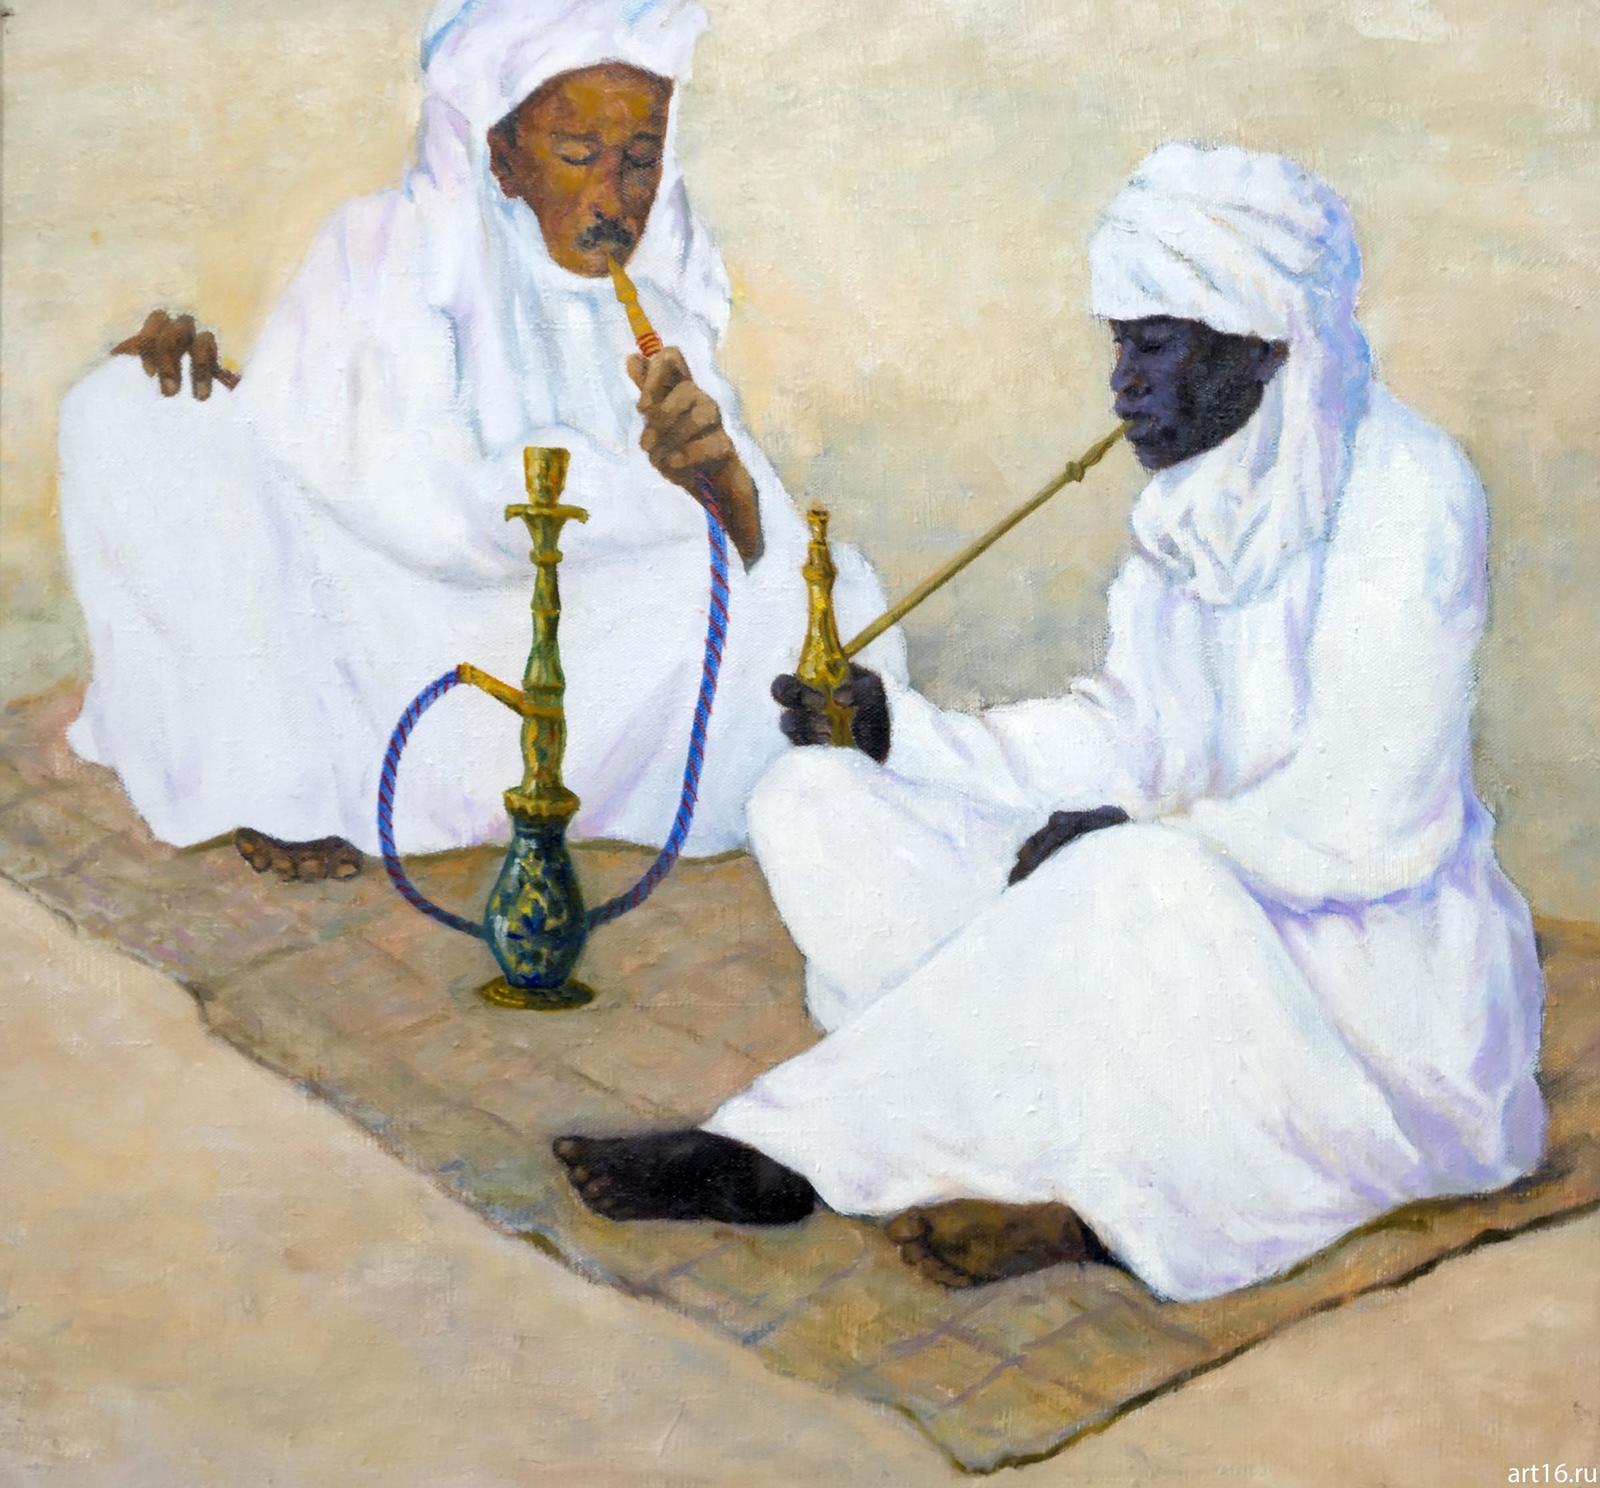 Фото №892966. Египет. Курильщики кальяна. 2011. Мичри А.И. 1934